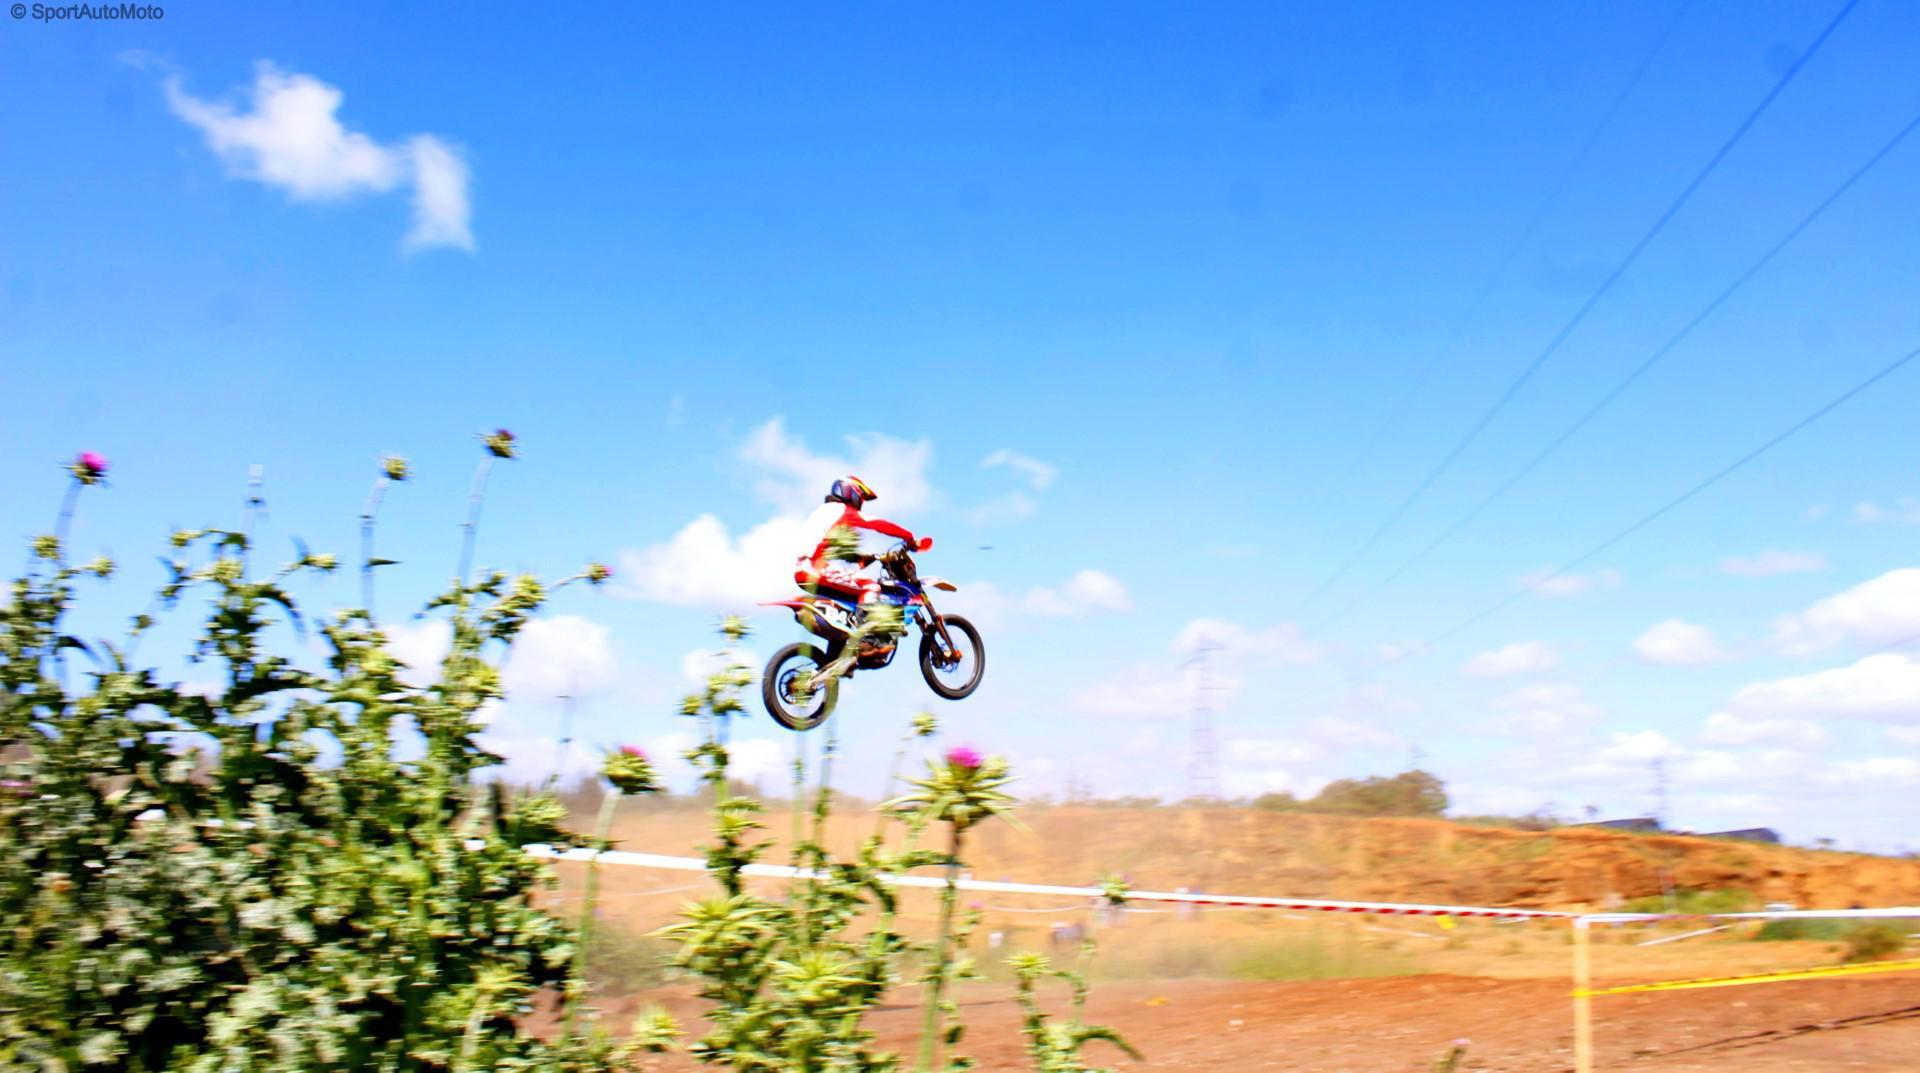 championnat-du-maroc-de-motocross-kenitra-774-10.jpg